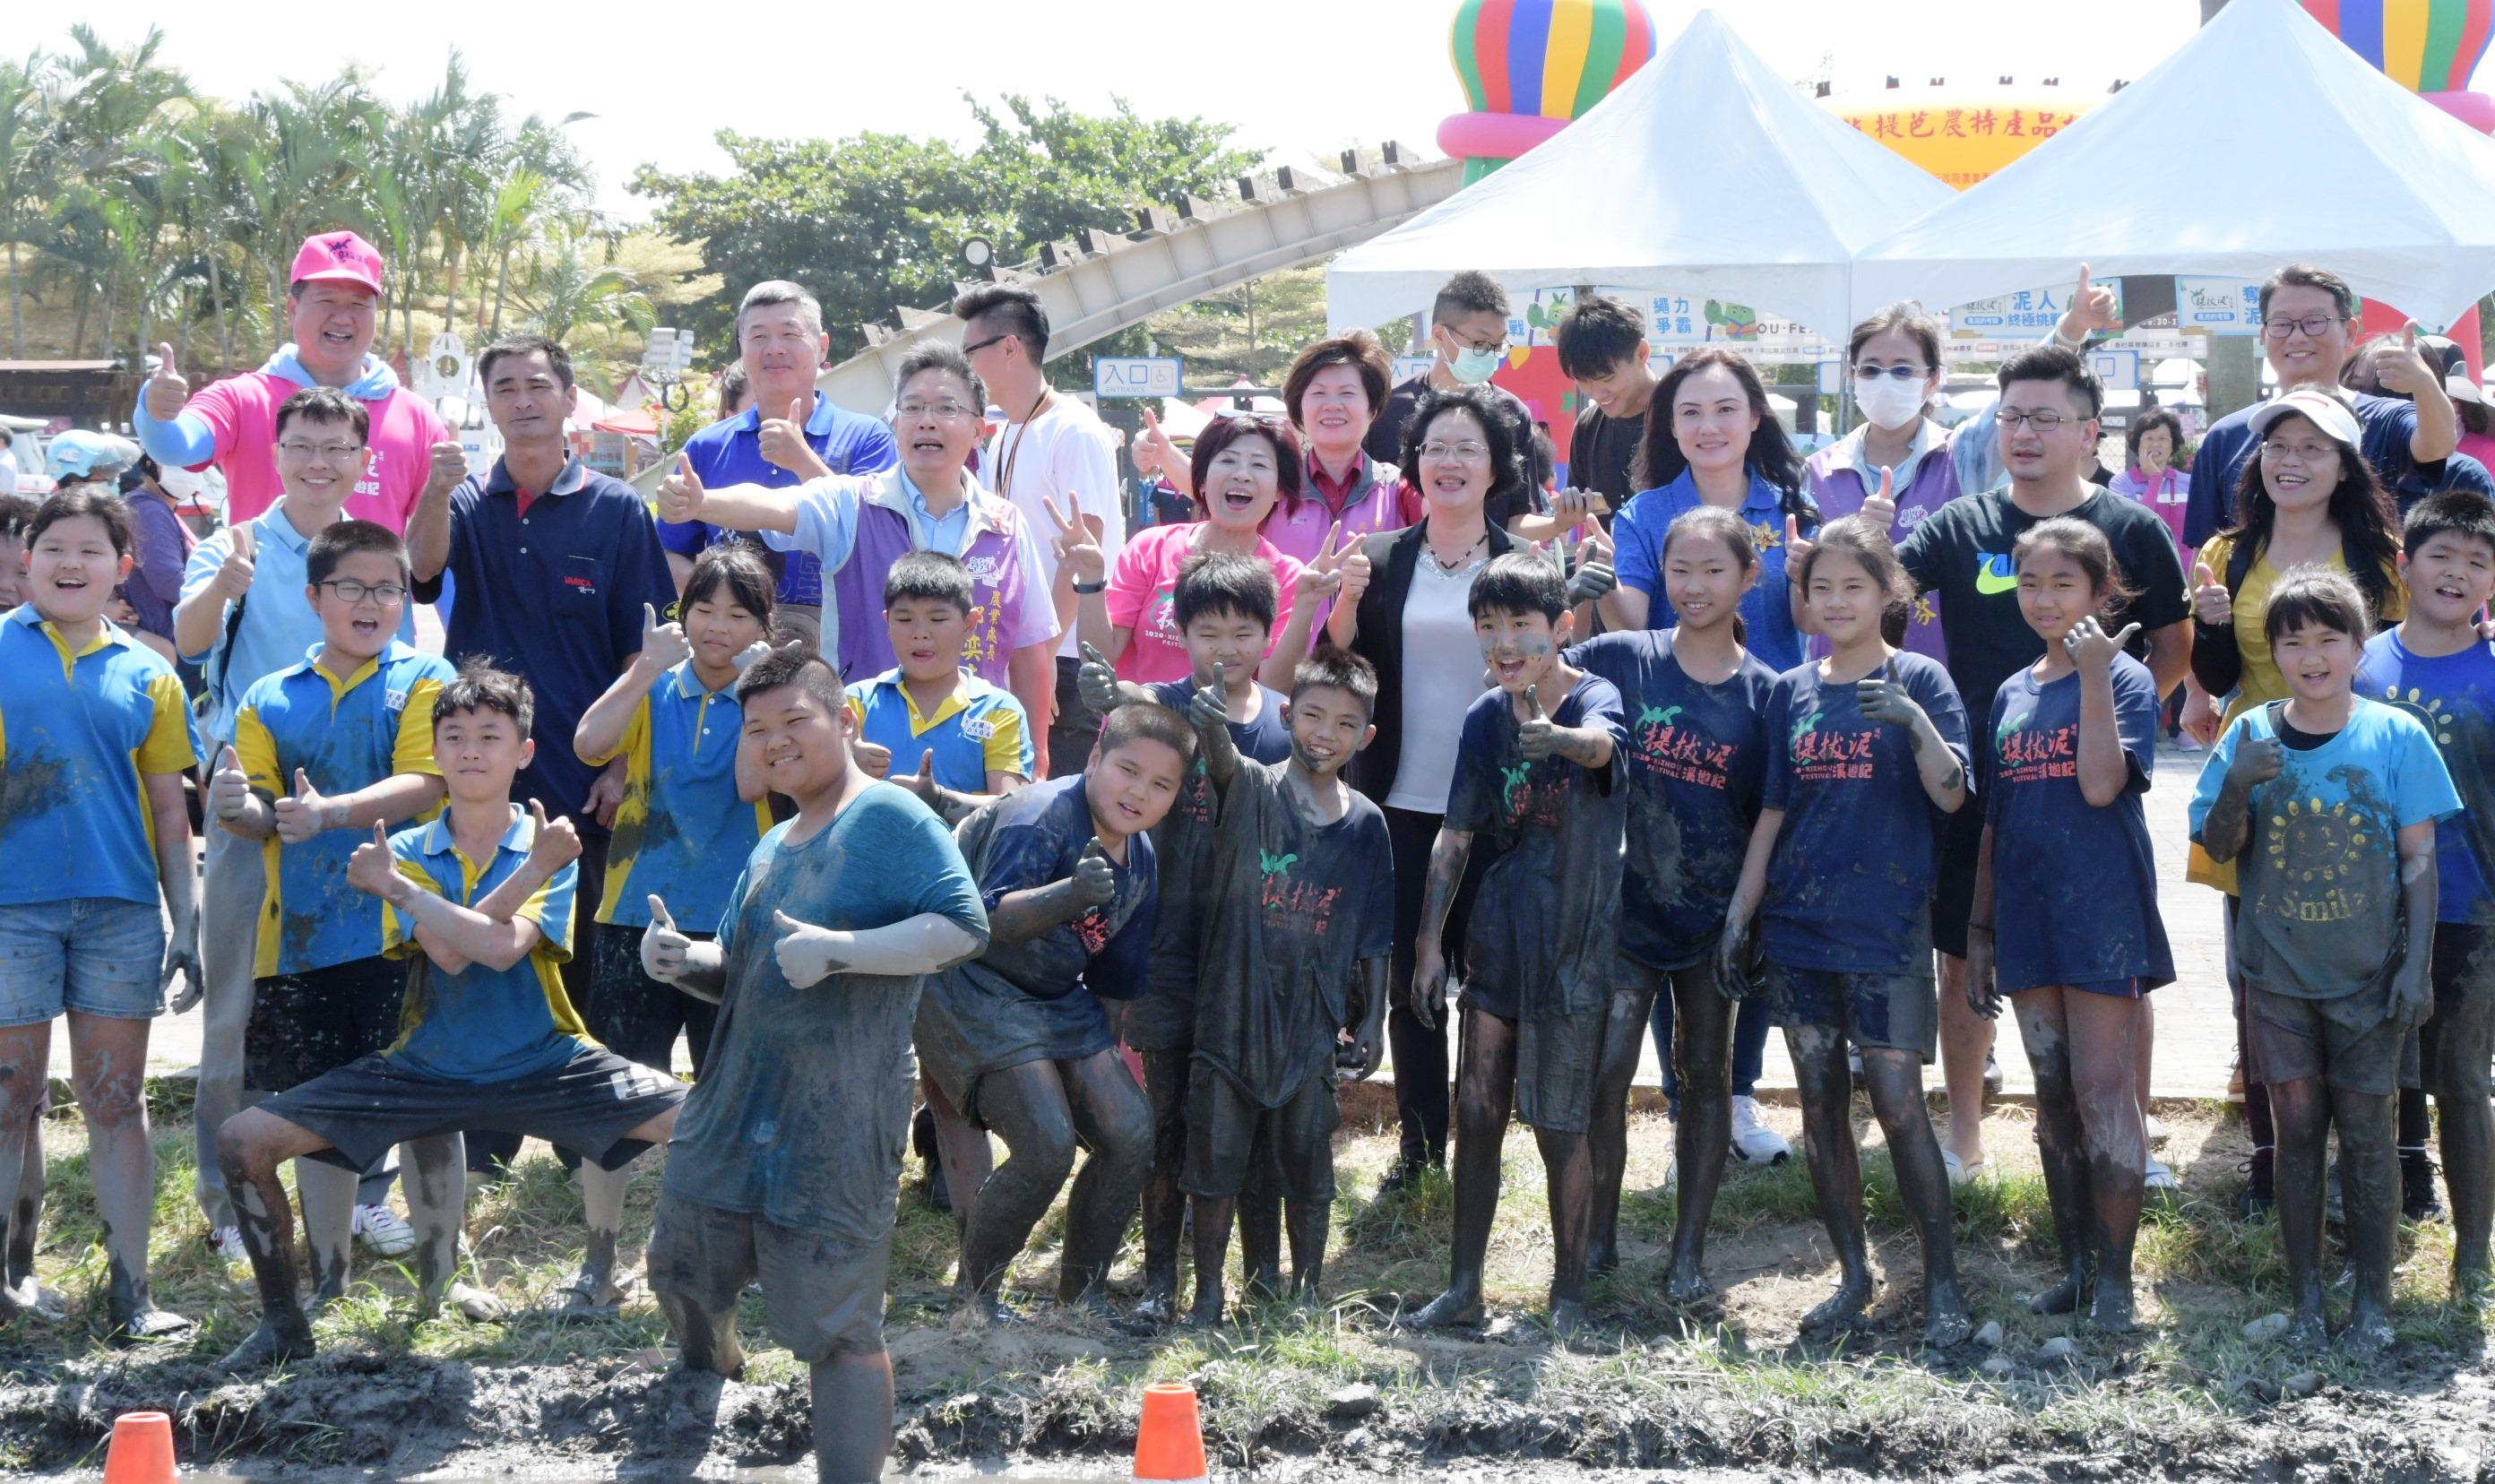 「2020溪州提拔泥-溪遊記」在溪州公園熱鬧登場